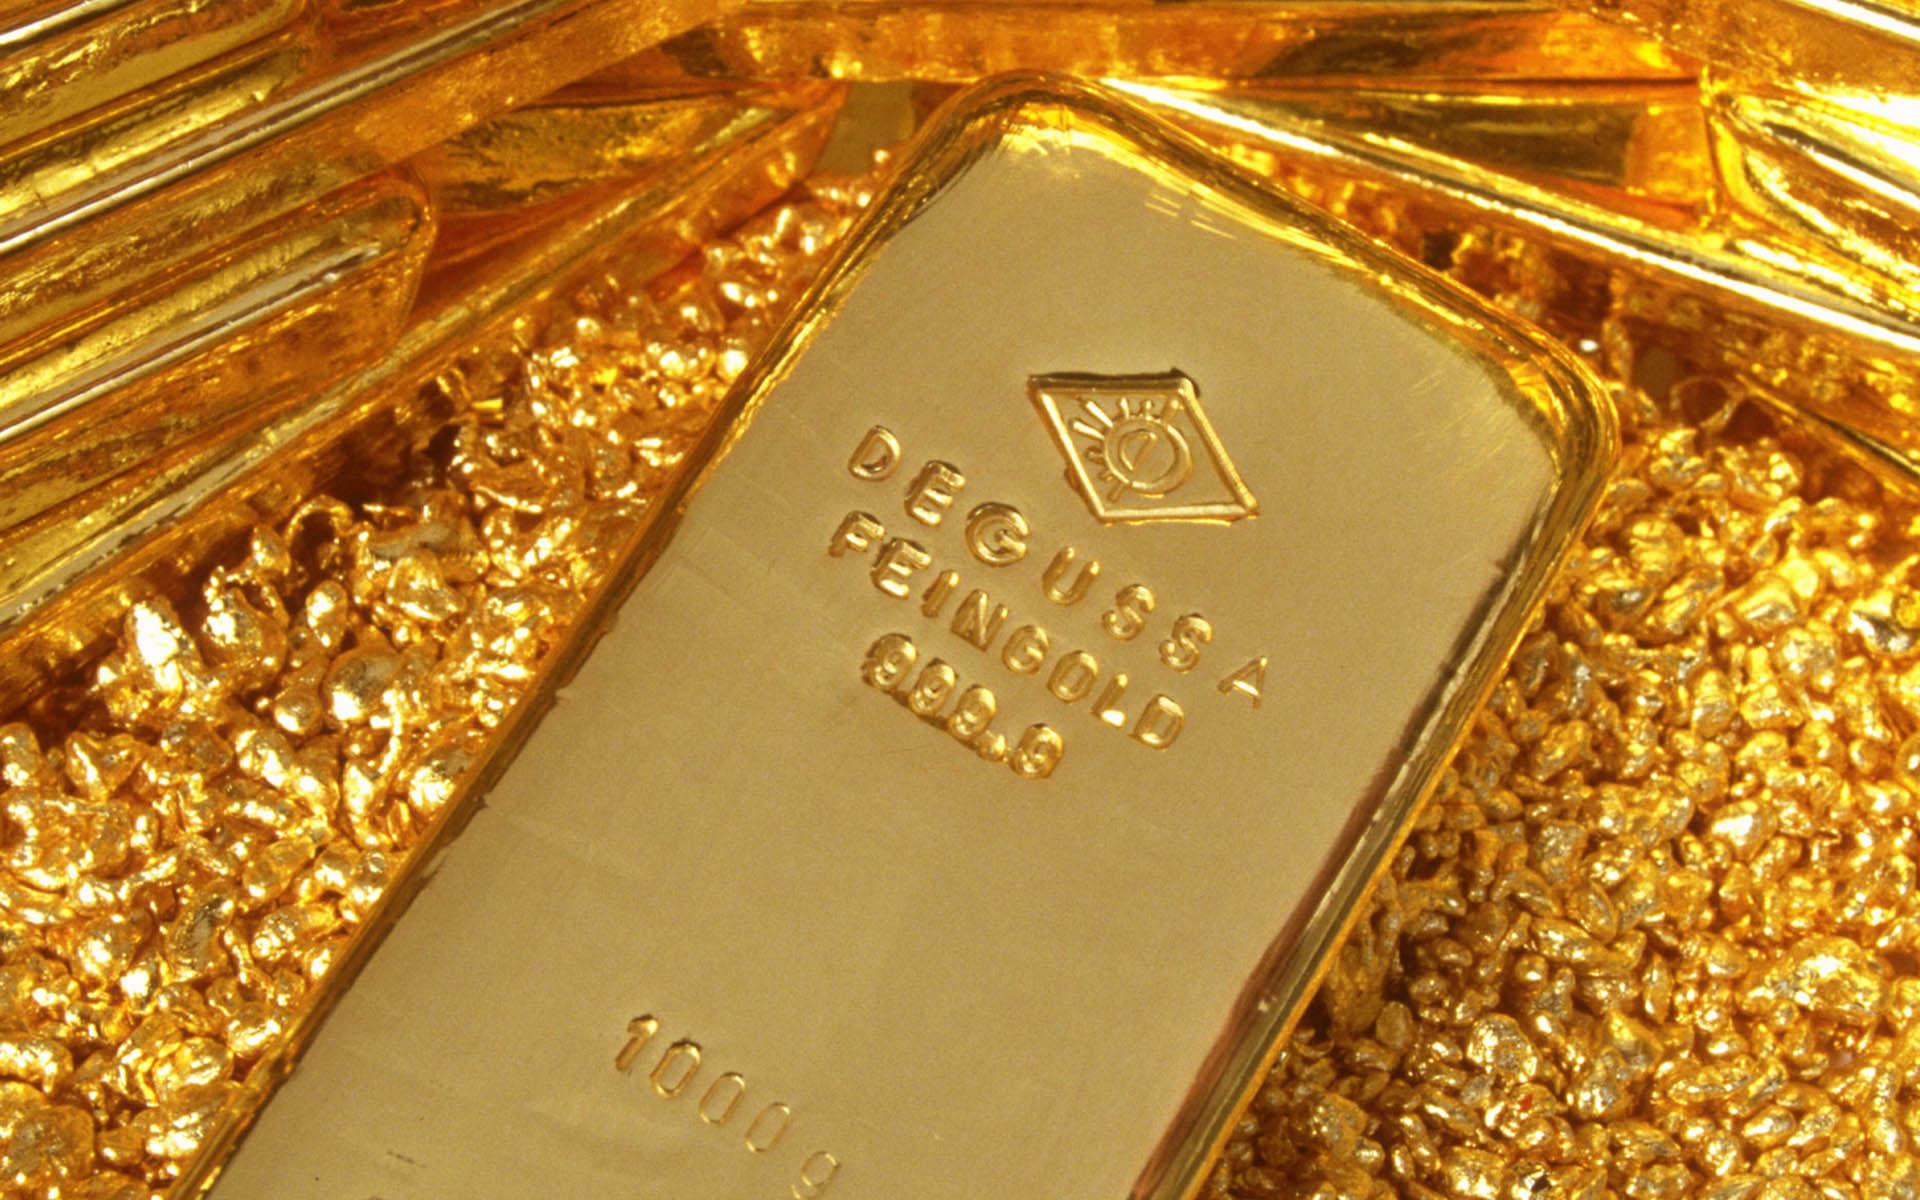 Картинка Слиток золота - Картинки Деньги - Бесплатные ...: http://pictar.ru/img-slitok-zolota-27934.htm